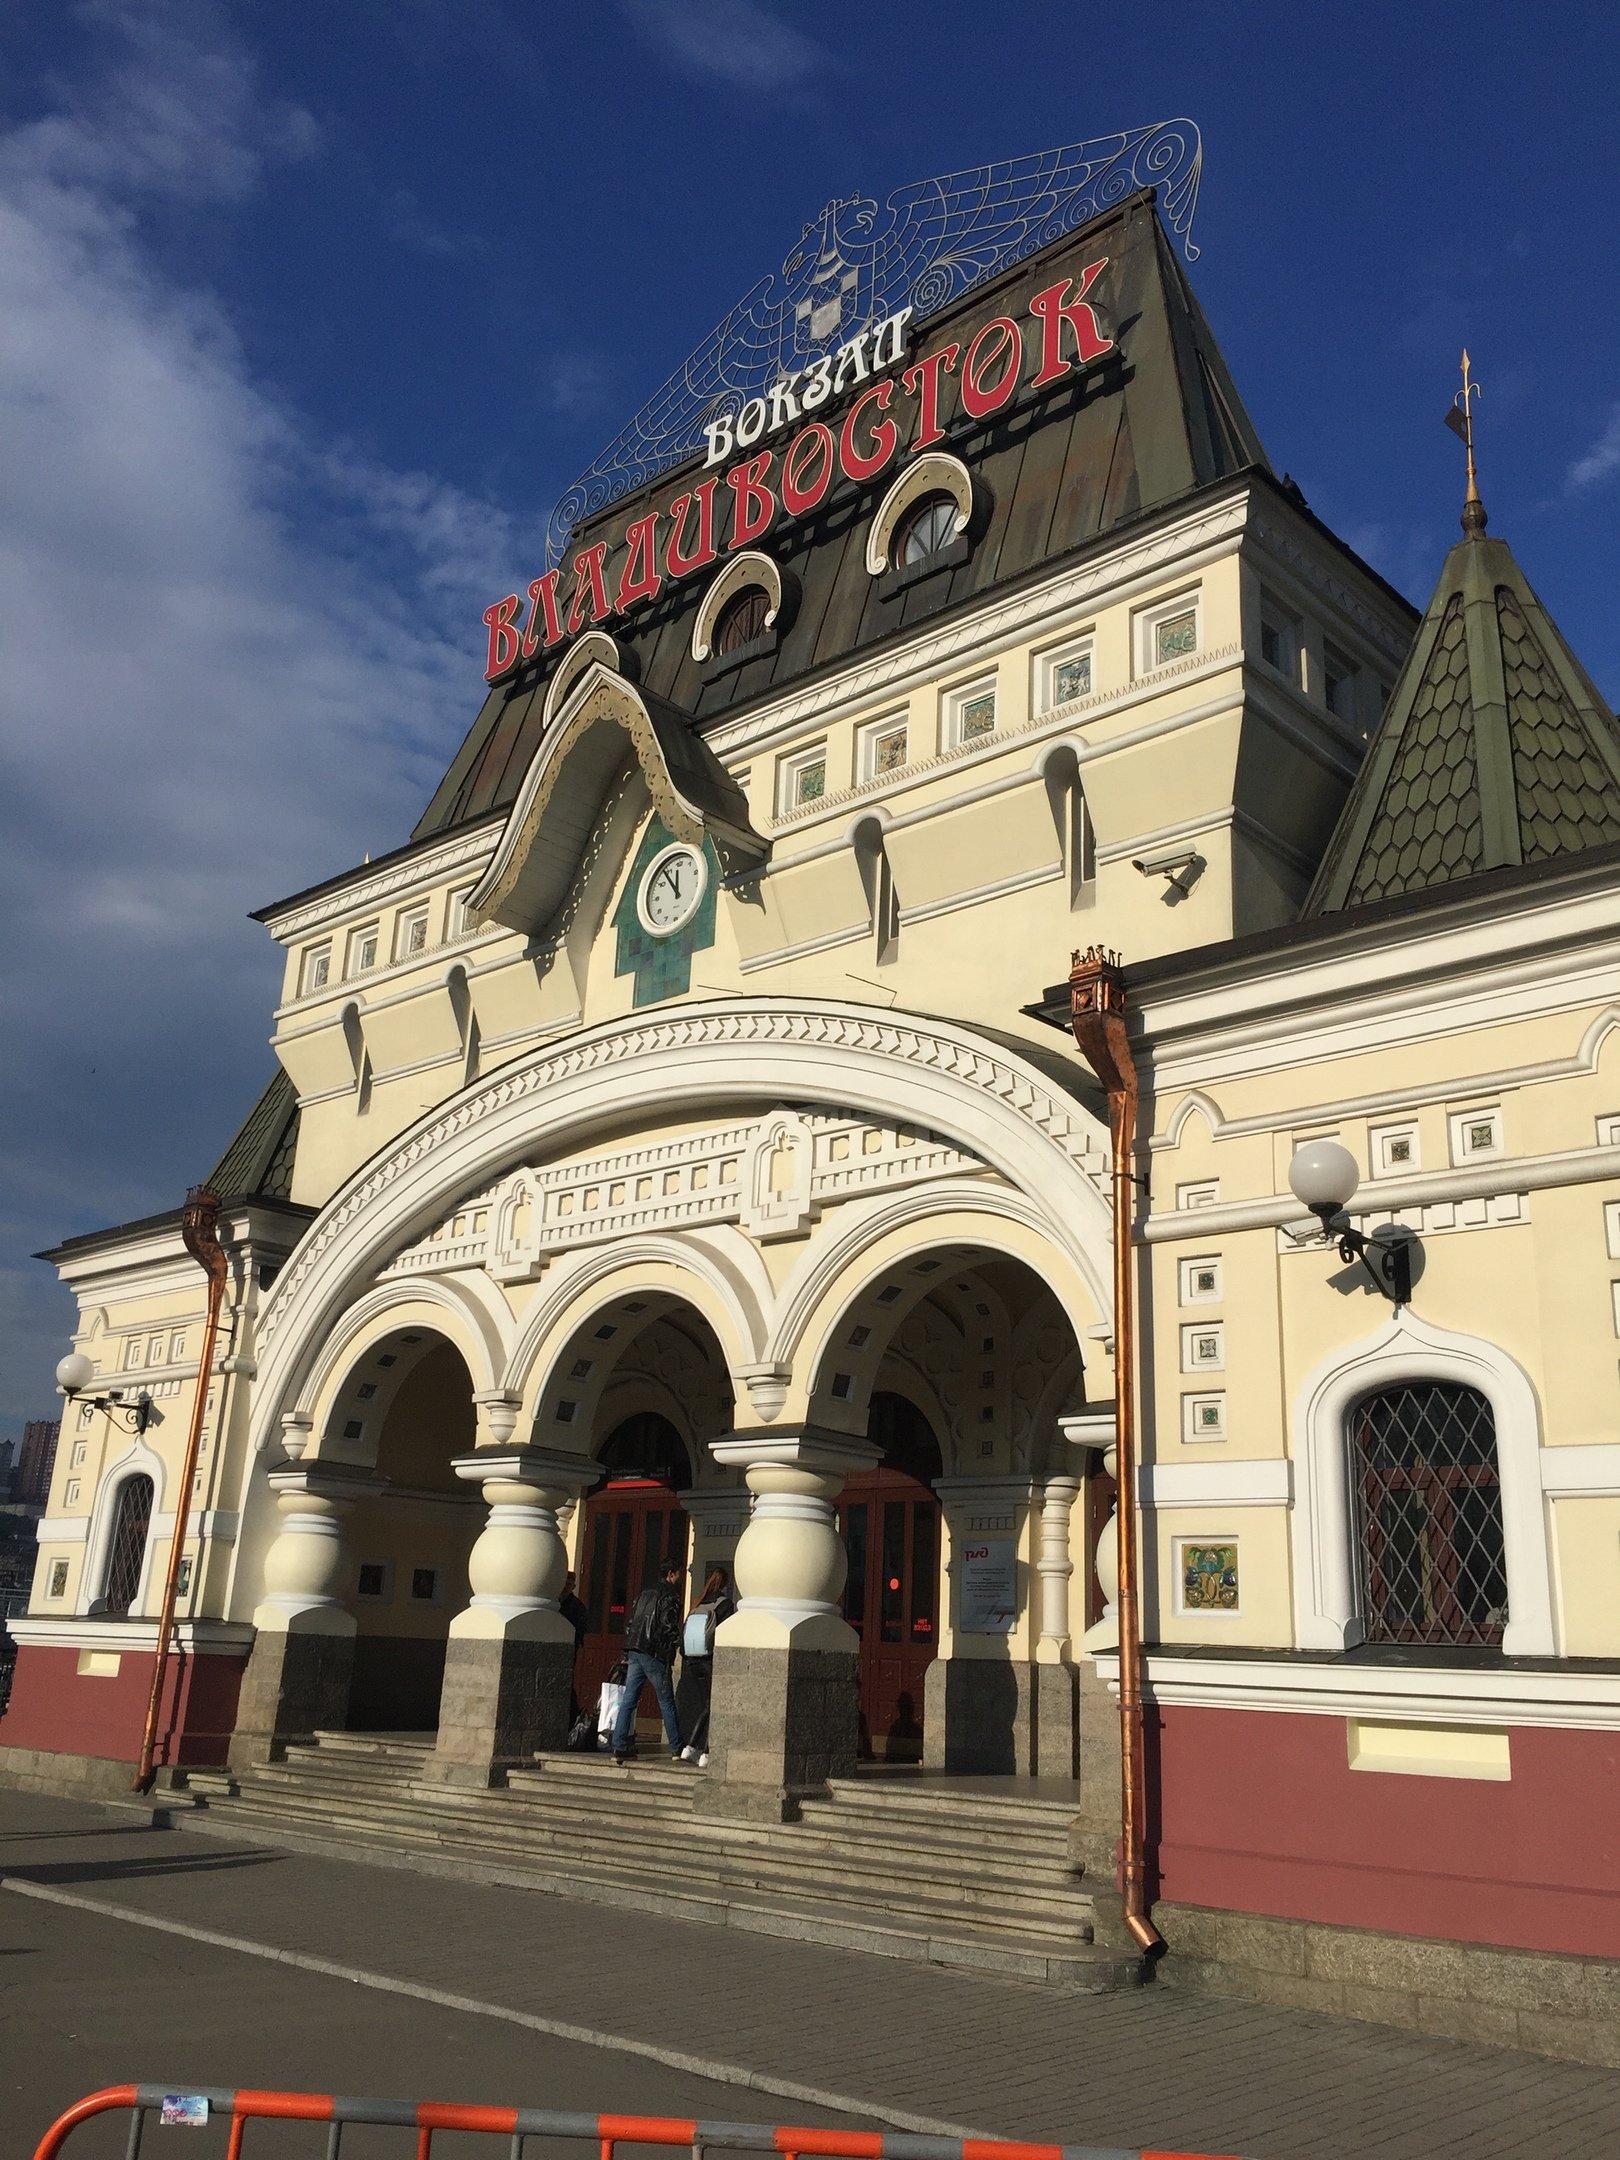 Отчет за 28.06.2018. Владивосток - Токаревский маяк. Красоты Дальнего Востока